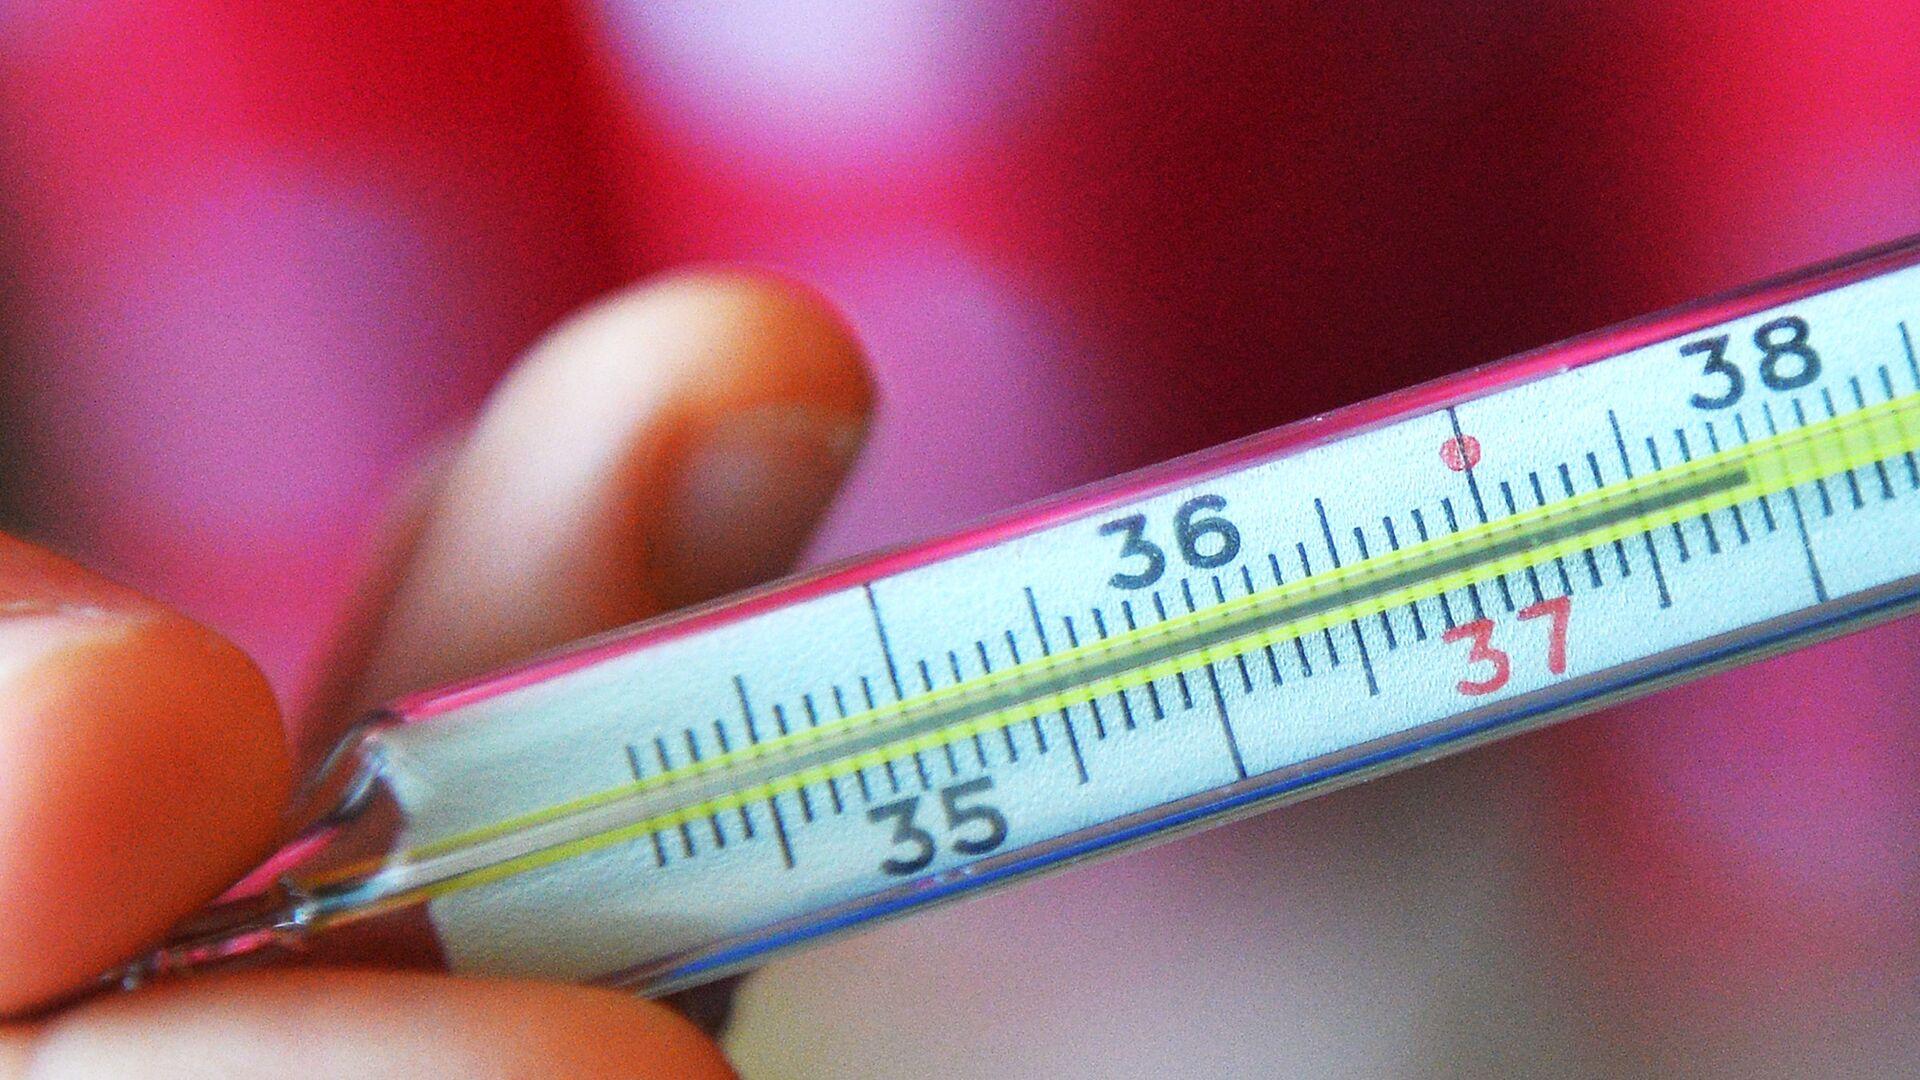 Ртутный градусник для измерения температуры - Sputnik Беларусь, 1920, 21.09.2021